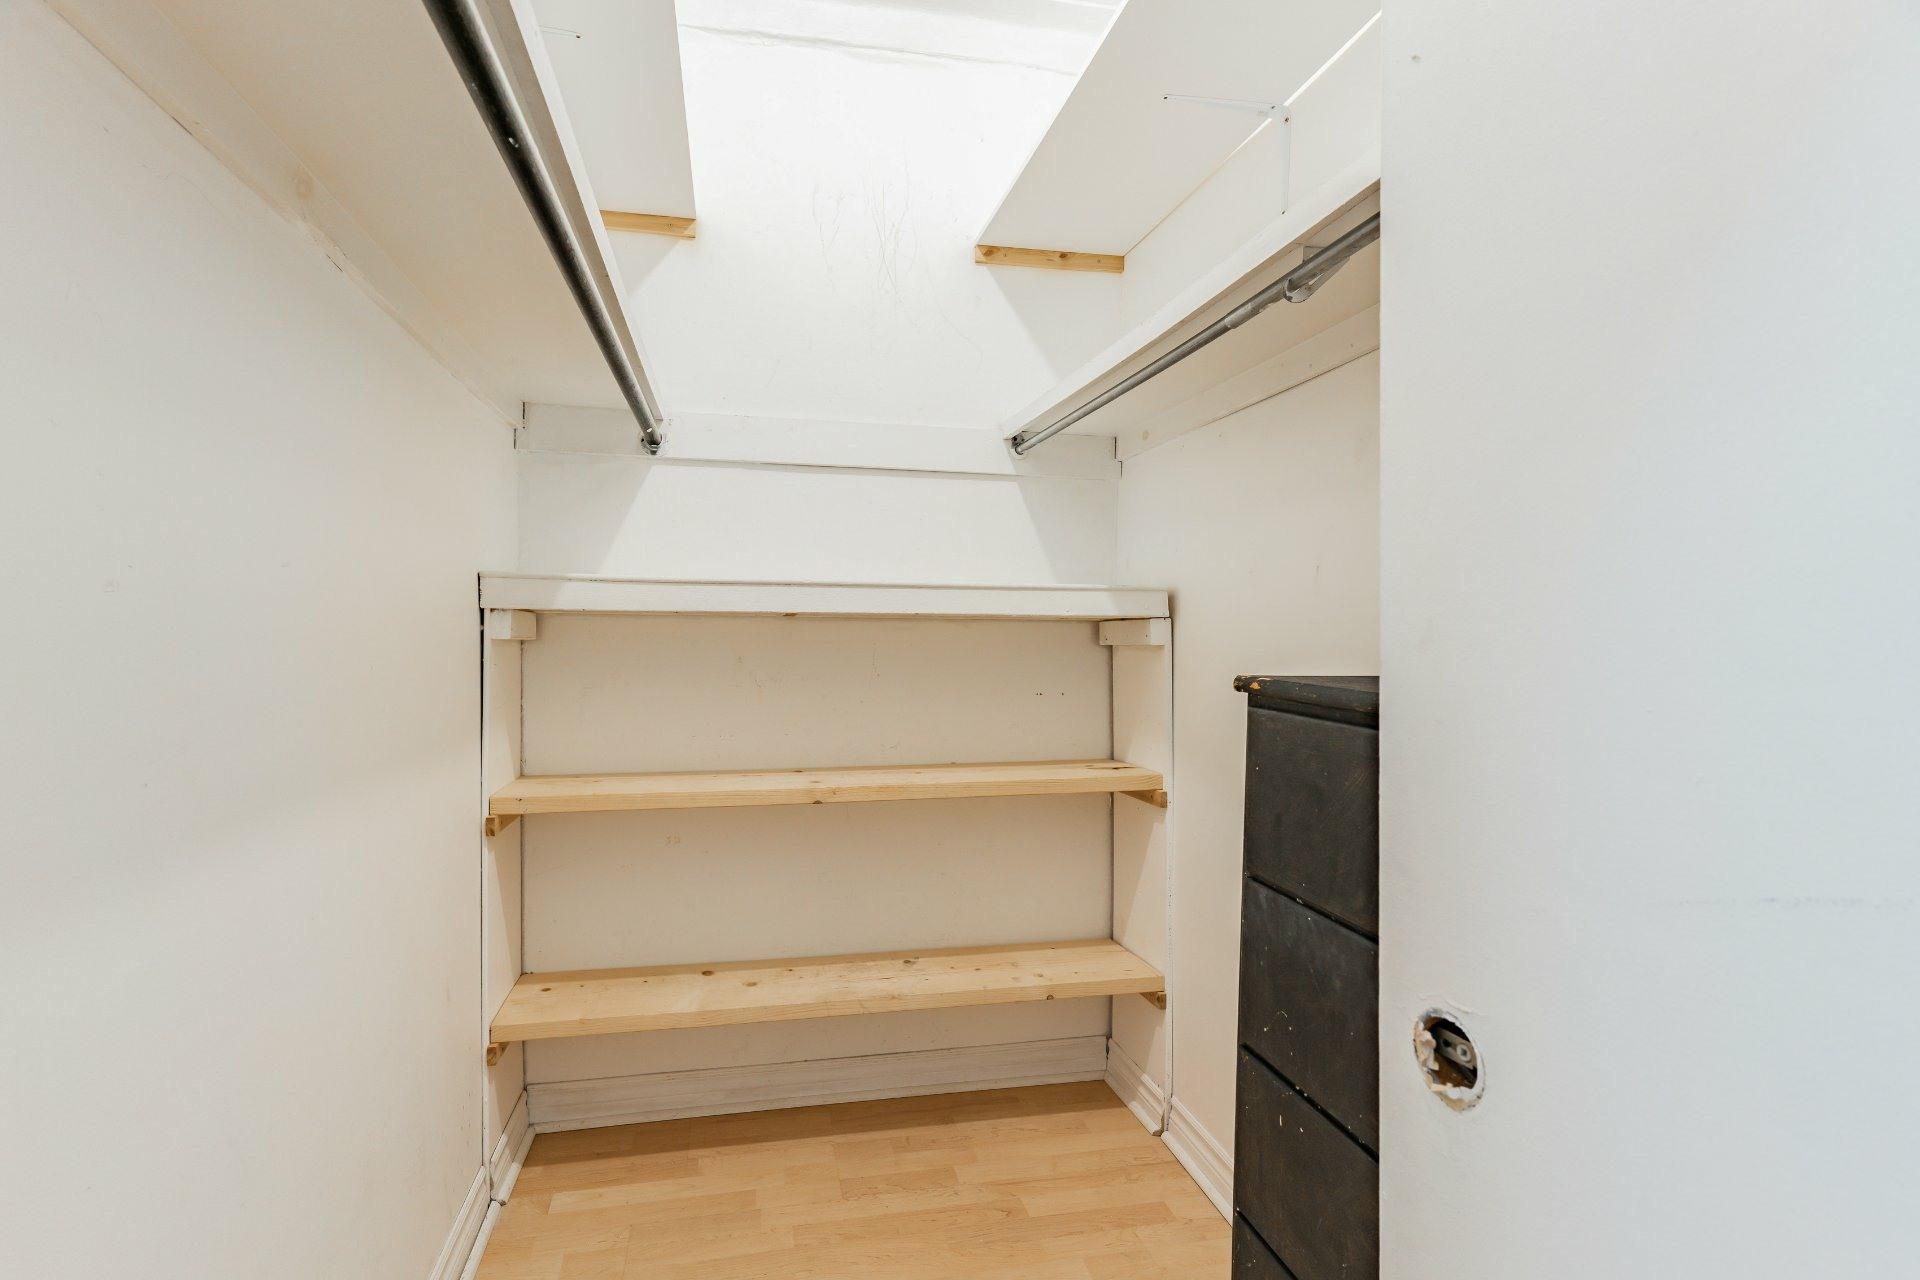 image 12 - Appartement À louer Rosemont/La Petite-Patrie Montréal  - 5 pièces